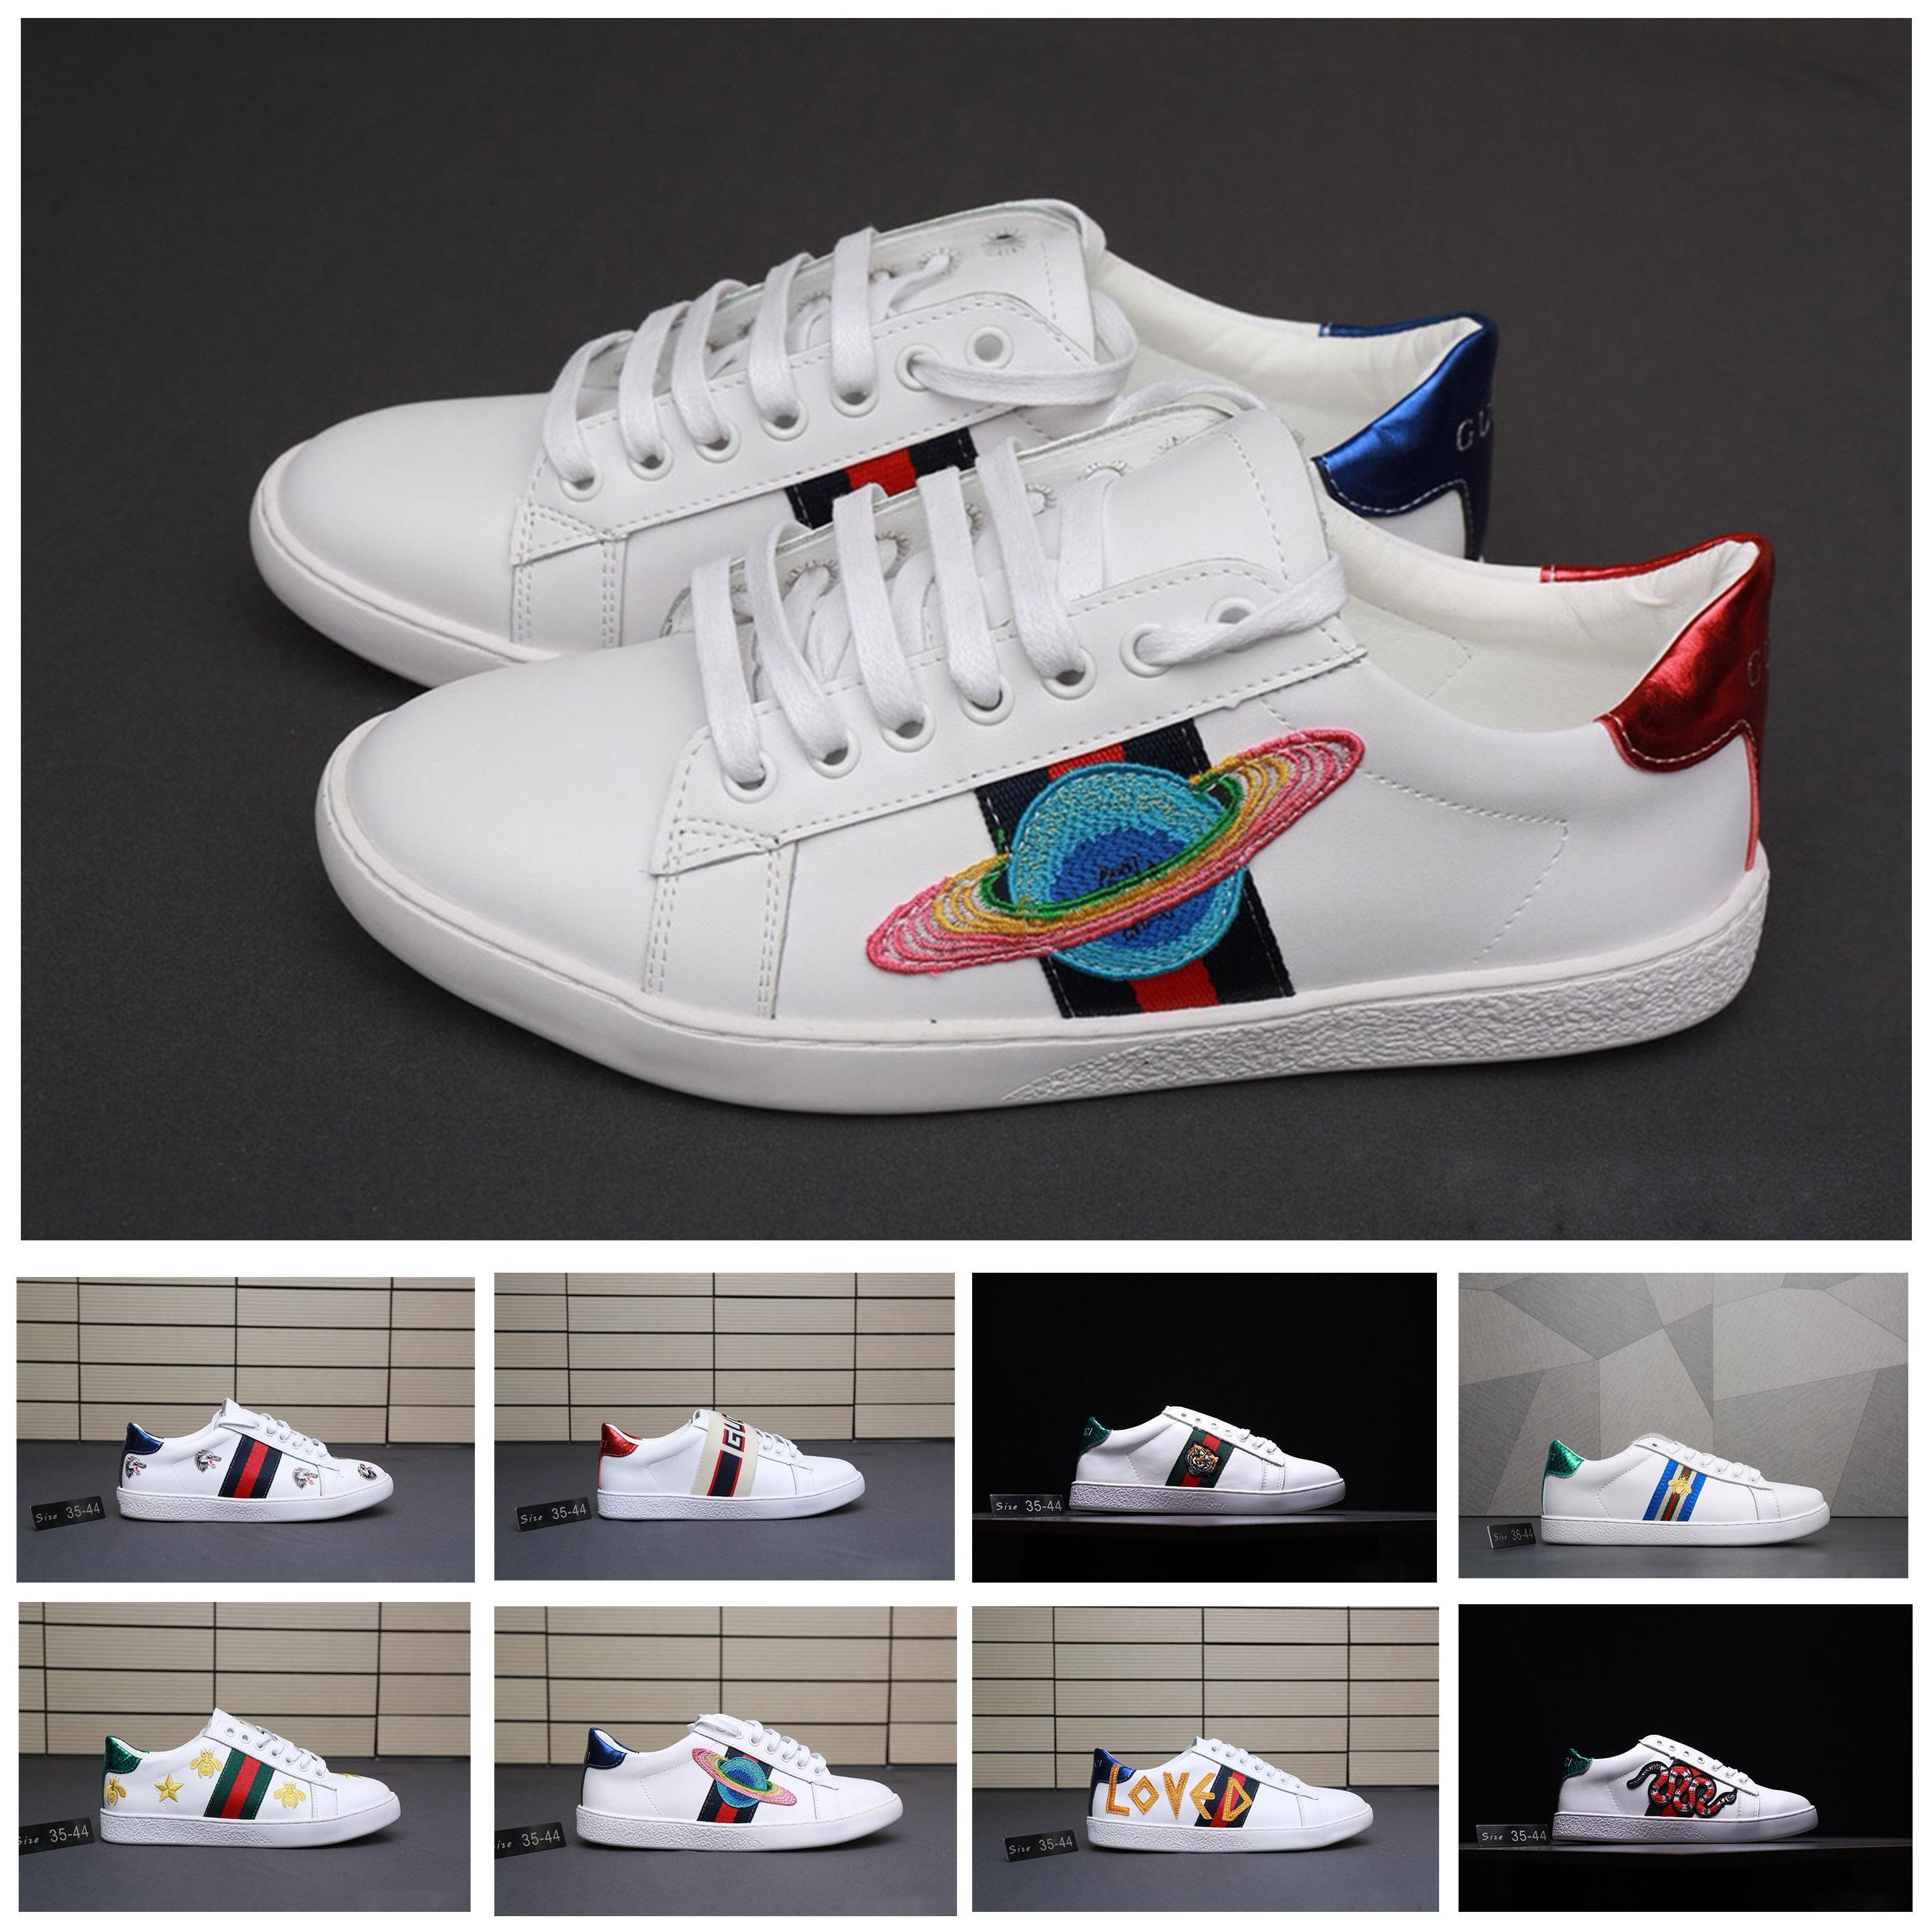 new concept 7340c d1ed4 Compre Gucci Men Shoes Deportivas Más Vendidas, Zapatillas Bordadas, Letras  Bordadas, Cosmos, Zapatillas De Tenis, Cabeza De Lobo, Zapatos Para Hombre,  ...